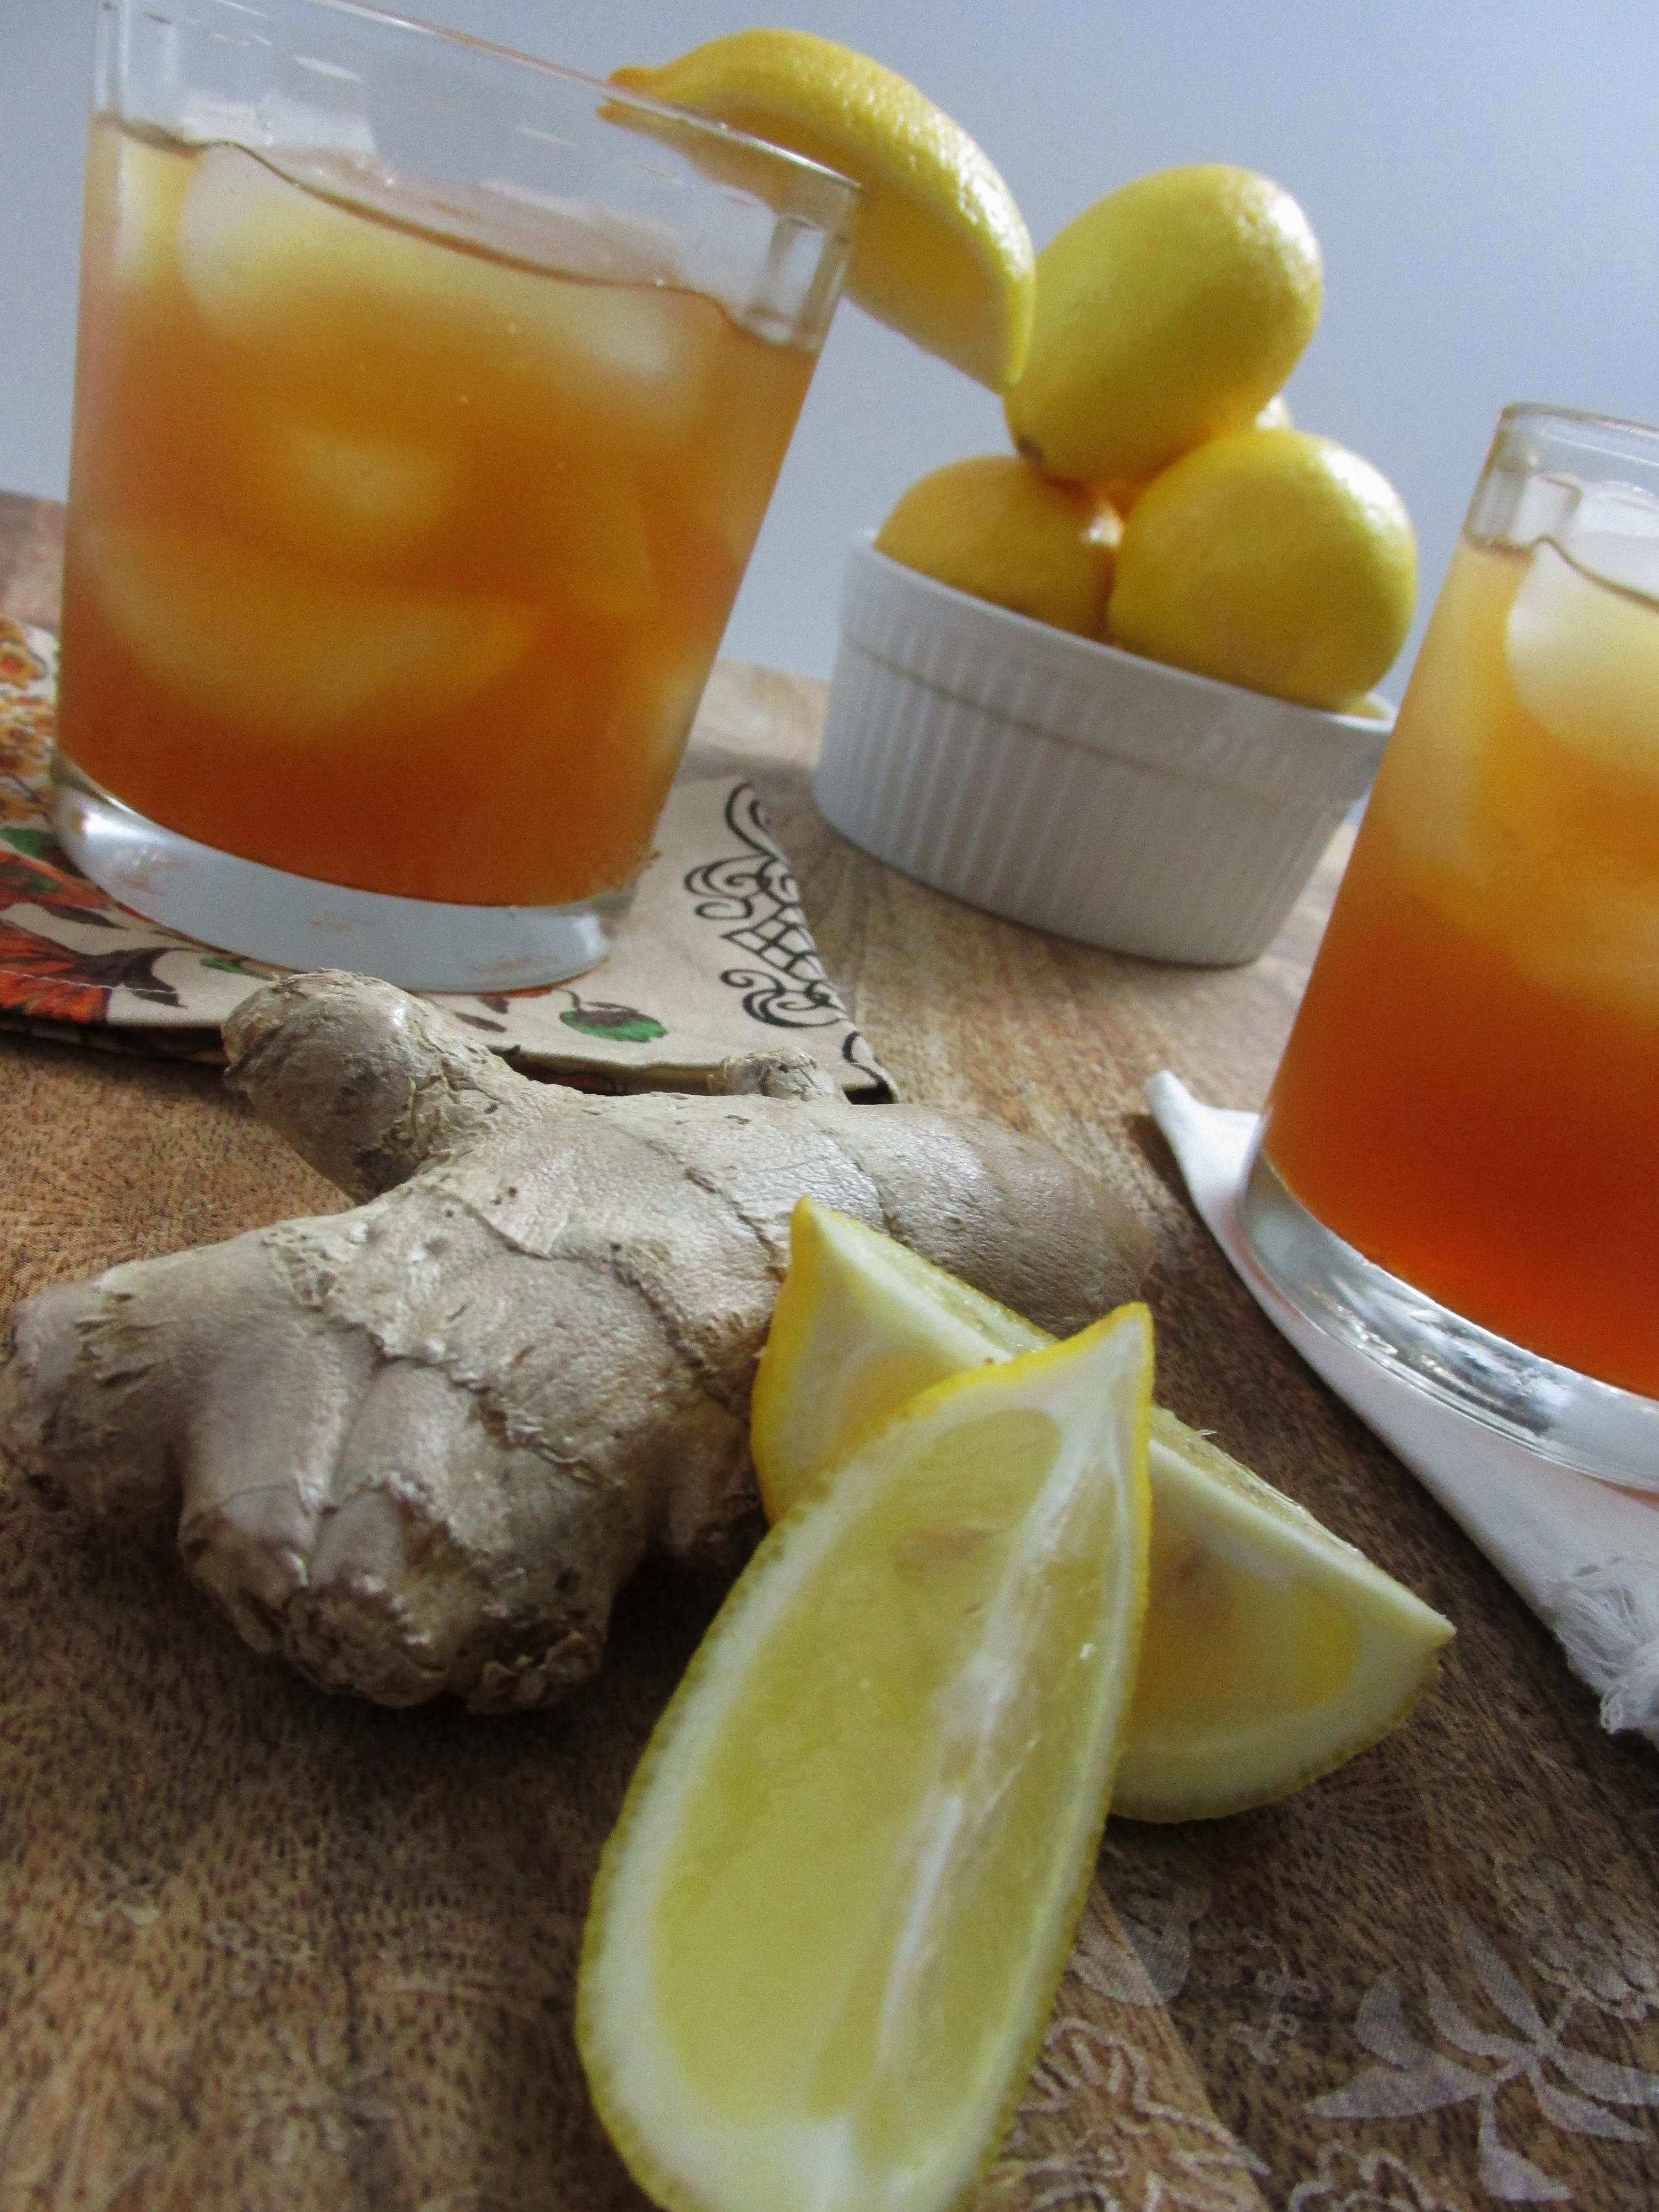 ginger honey and lemon.jpg